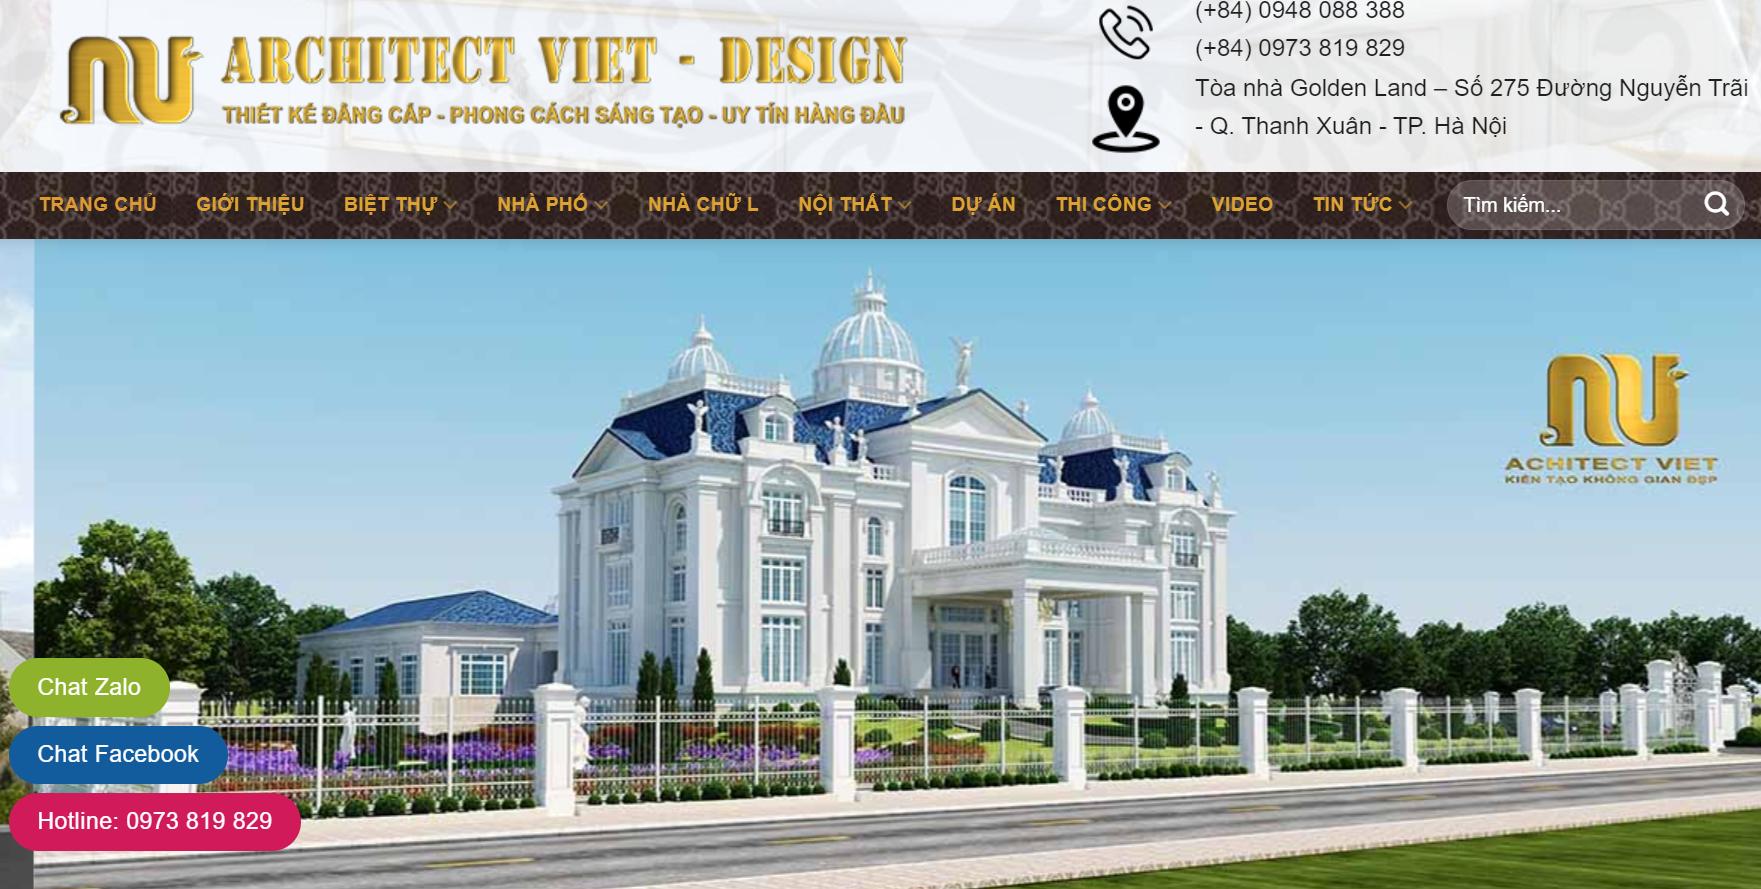 Công ty thiết kế nhà Architect Viet - Design